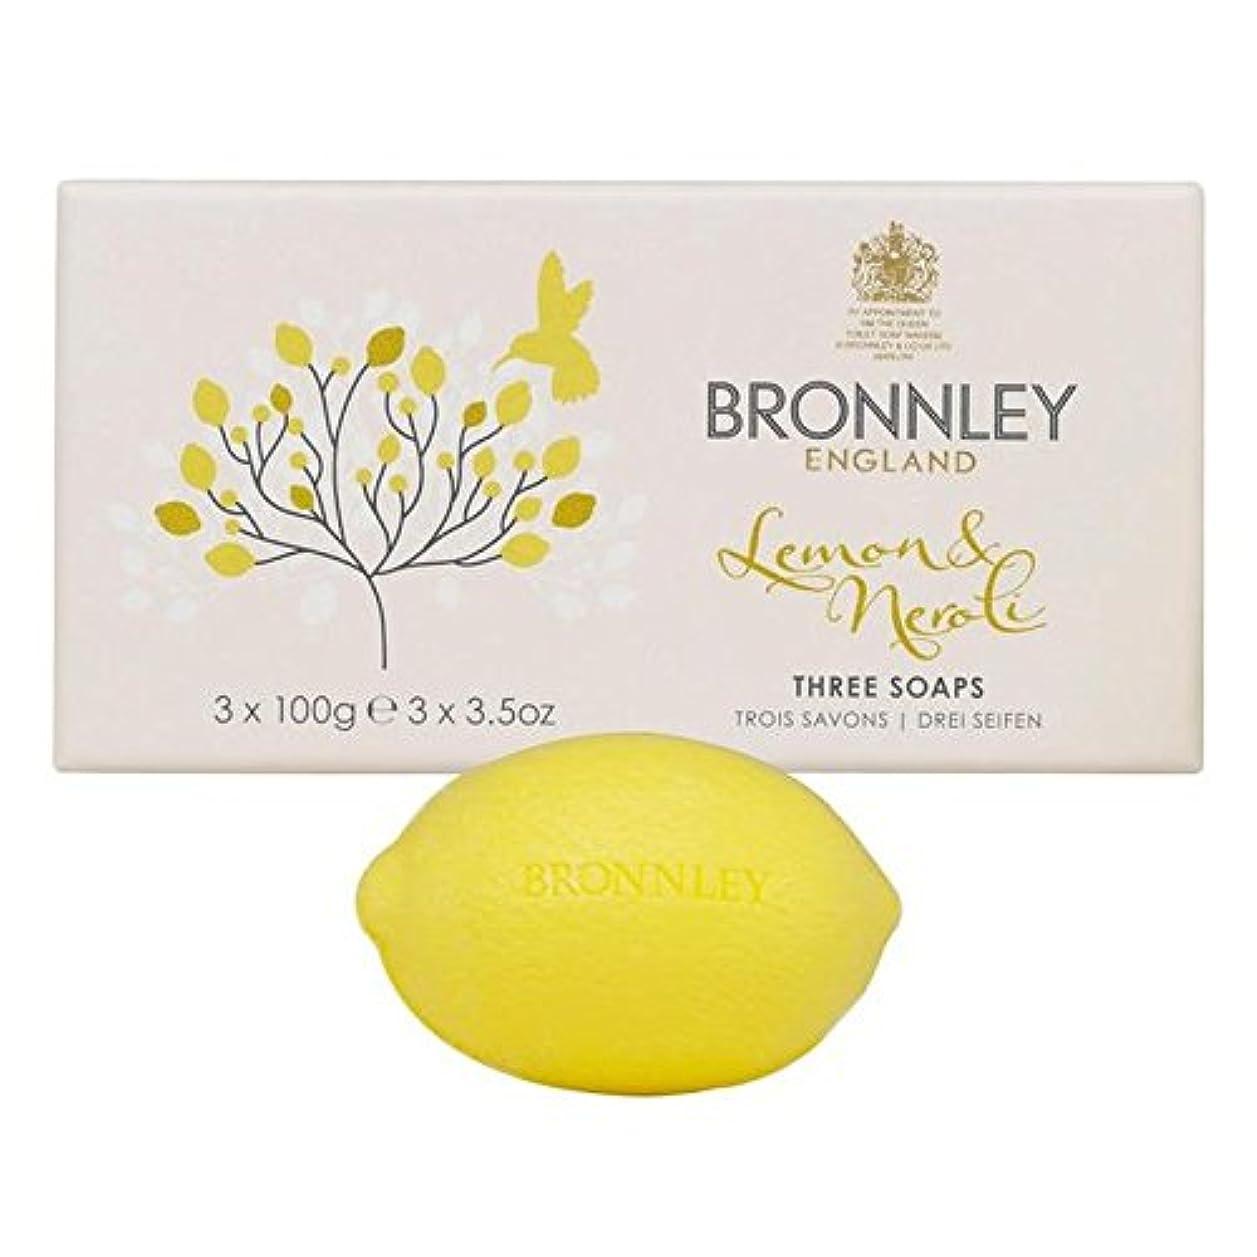 主観的インタネットを見る祈りBronnley Lemon & Neroli Soaps 3 x 100g - レモン&ネロリ石鹸3×100グラム [並行輸入品]